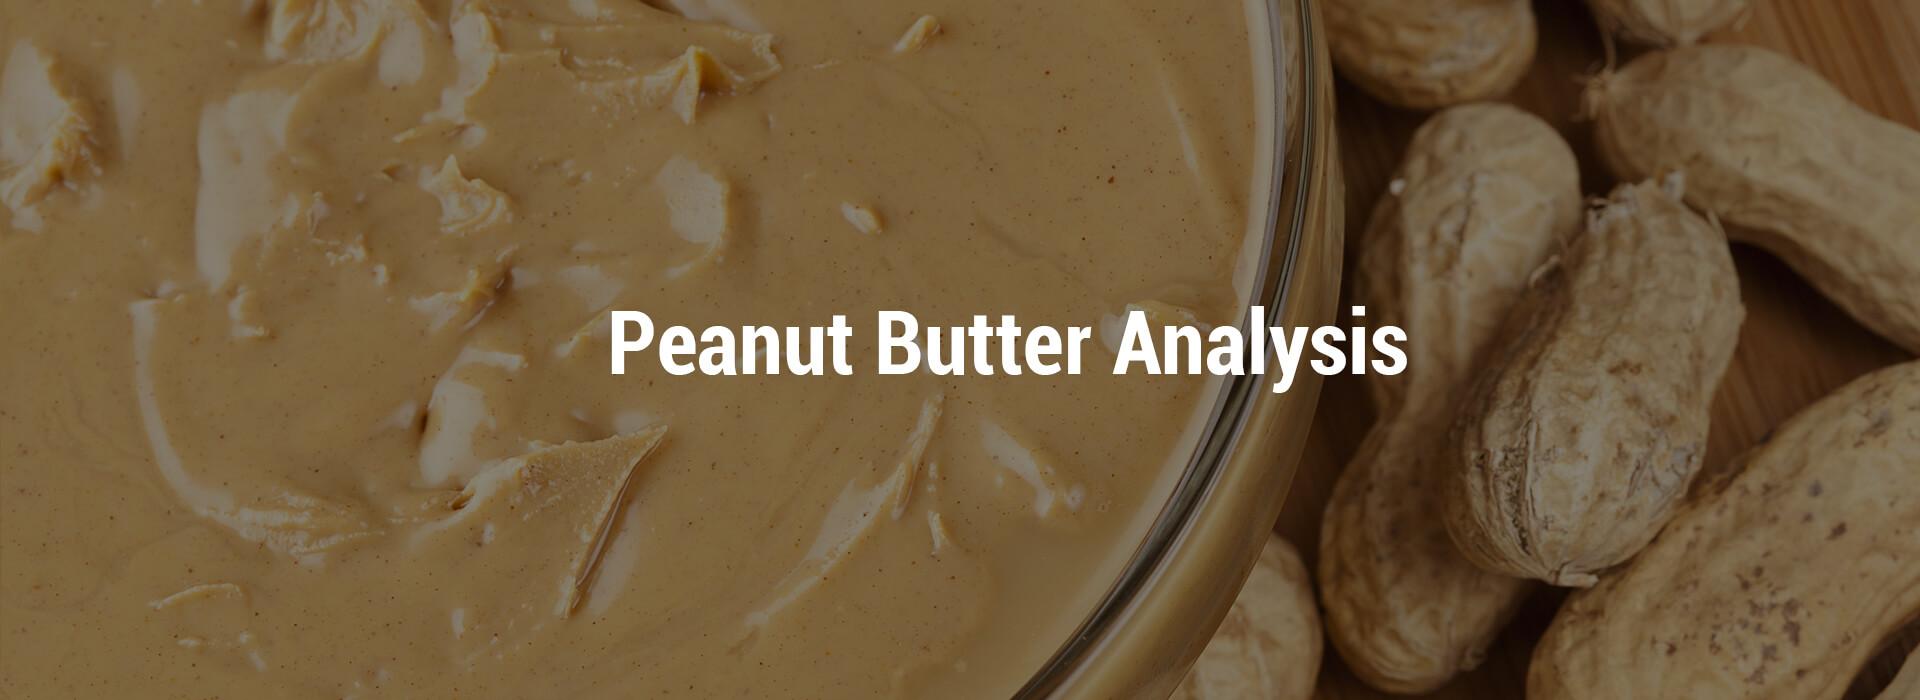 HS-peanut-butter-header